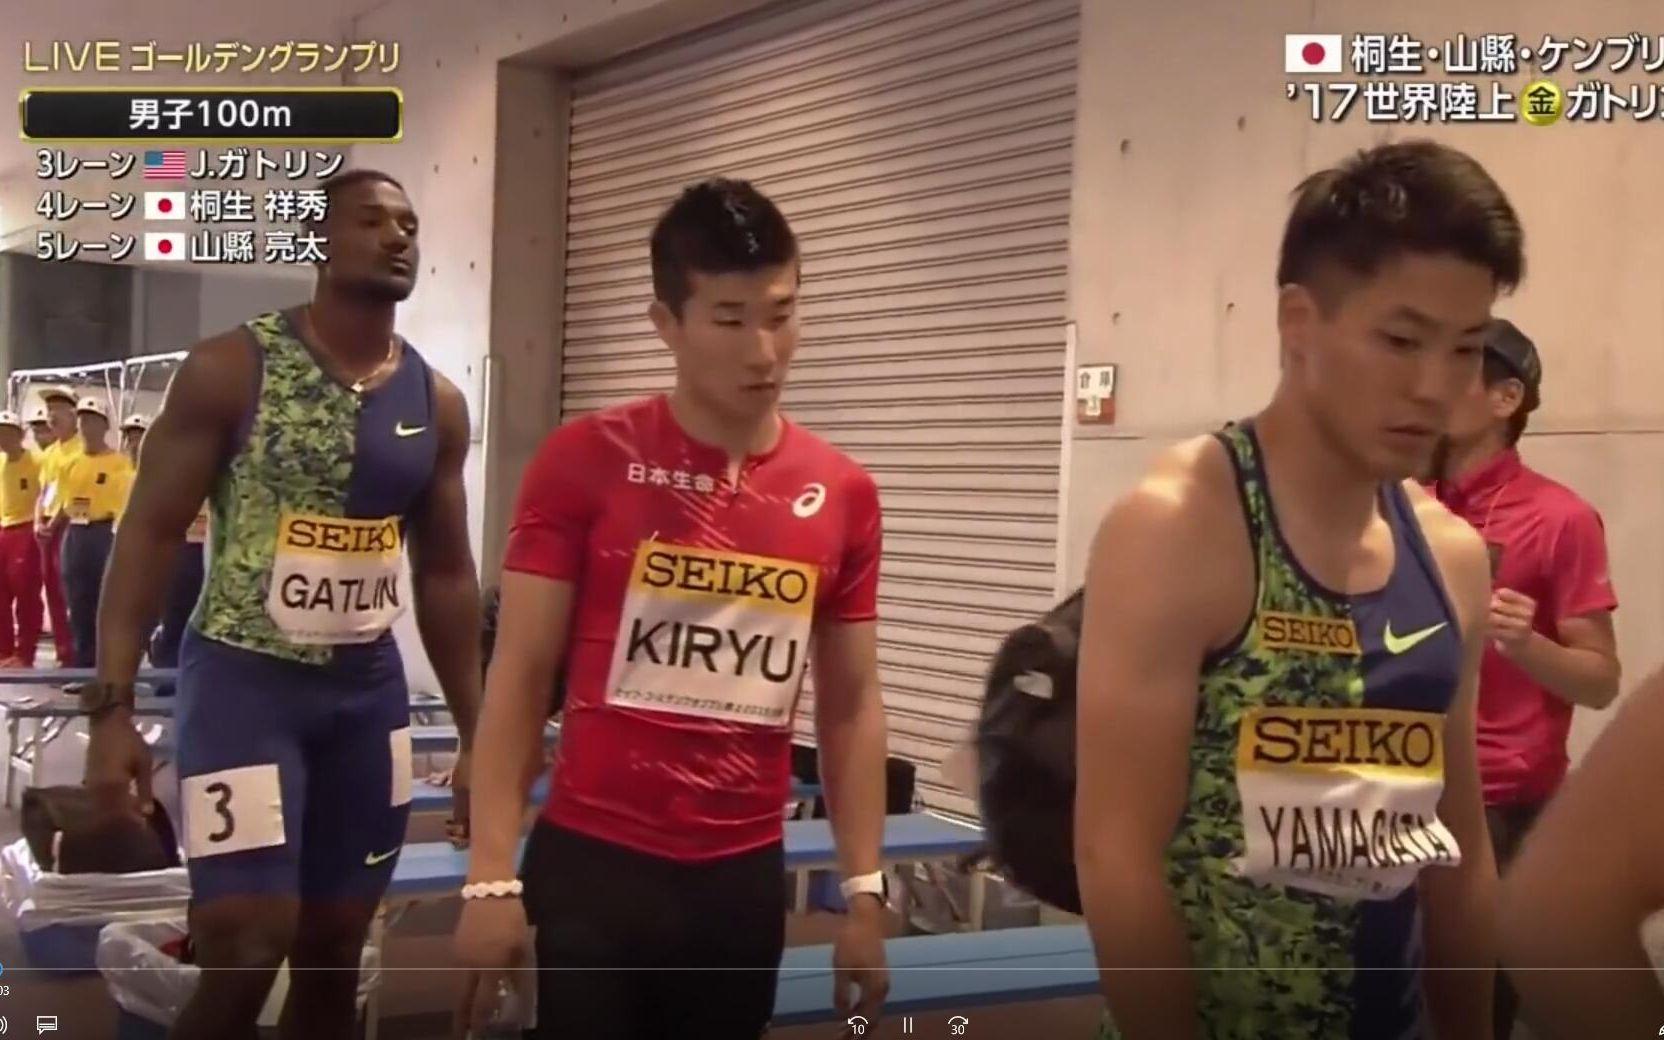 世界 陸上 100m 準決勝